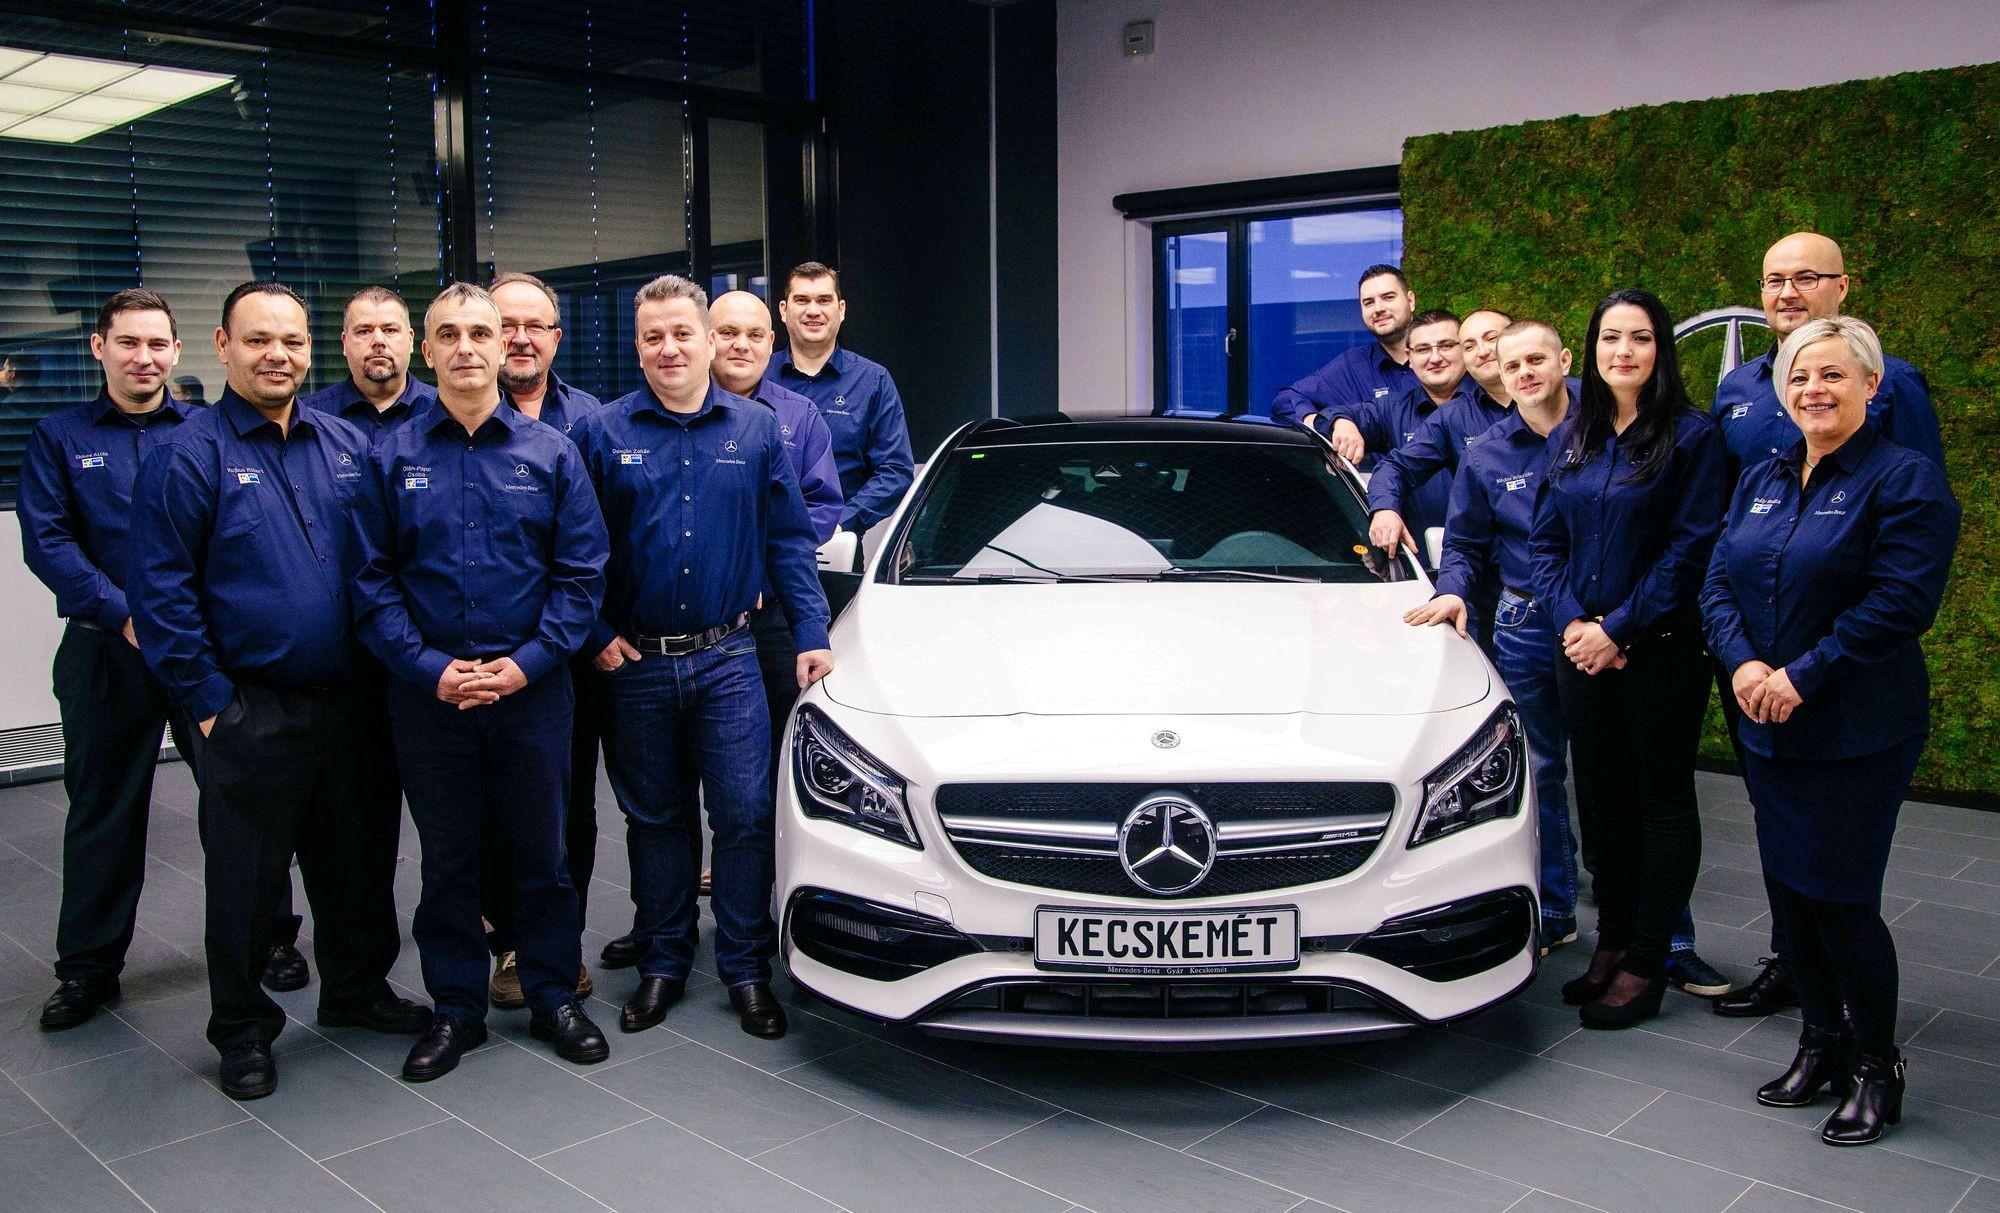 Diplomát kaptak a Mercedes-Benz művezetői